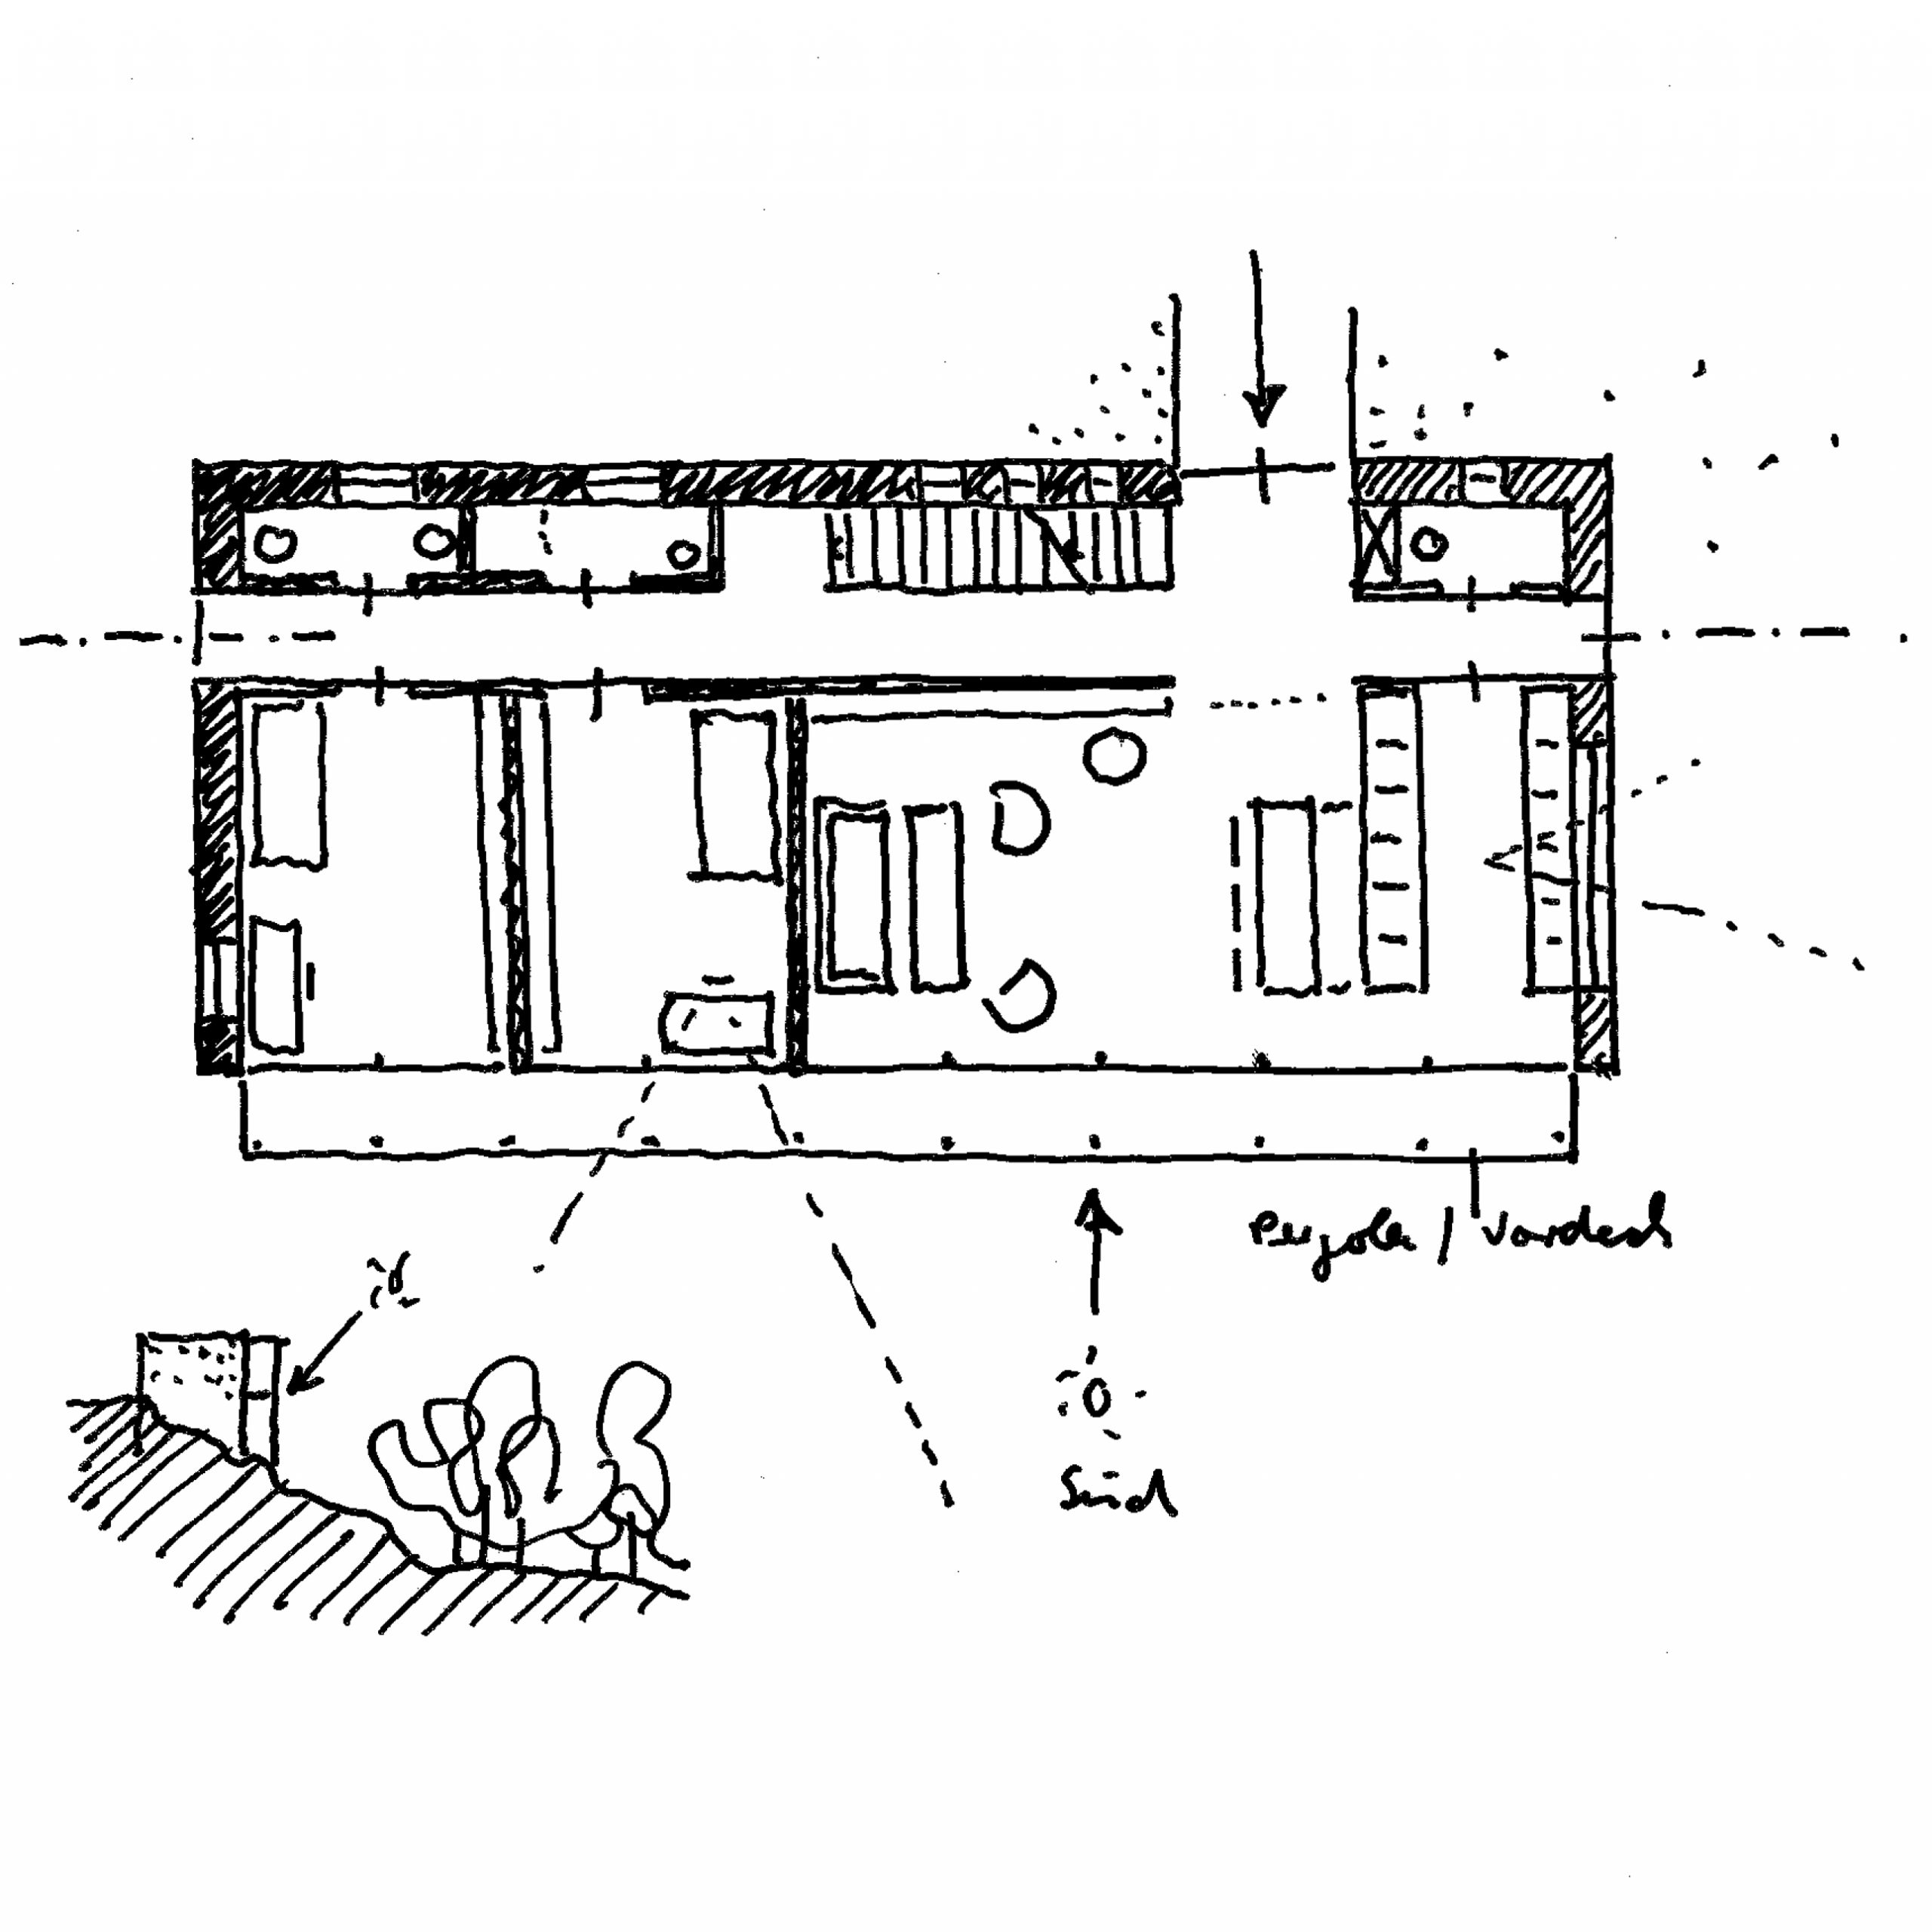 HK21, Neubau eines Wohnhauses, 2014, unrealisiert